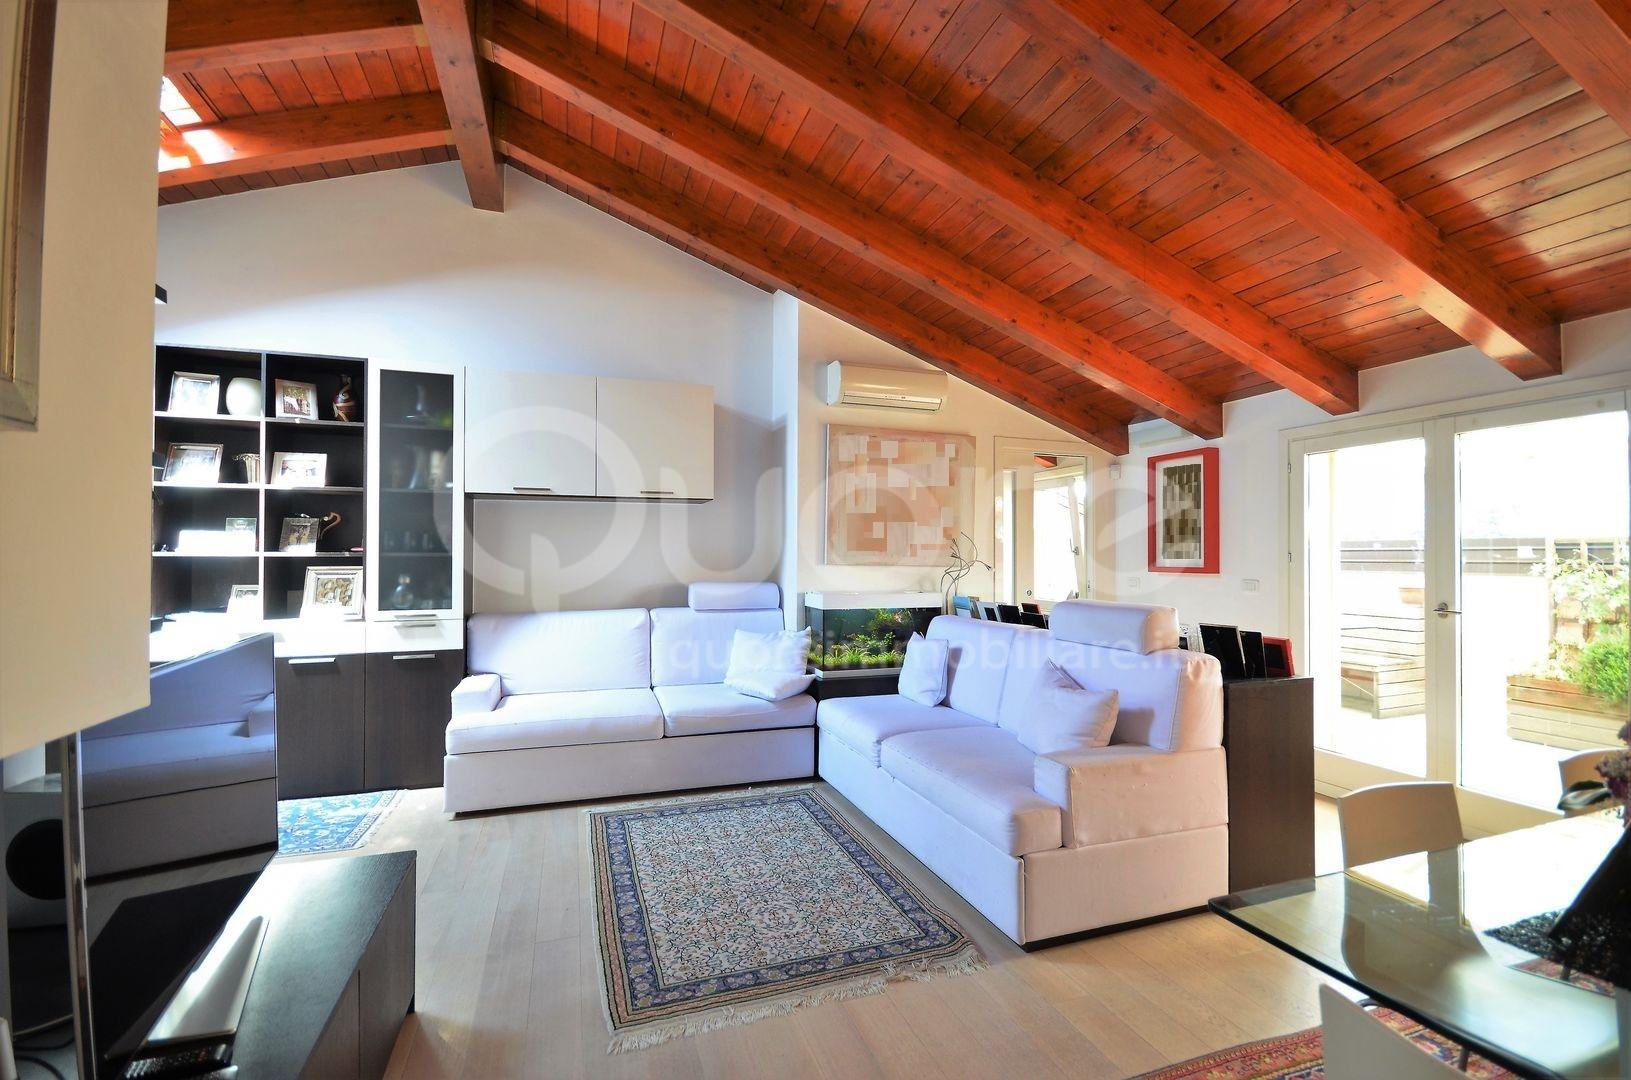 Attico / Mansarda in vendita a Udine, 6 locali, zona Zona: Semicentro, prezzo € 330.000 | Cambio Casa.it